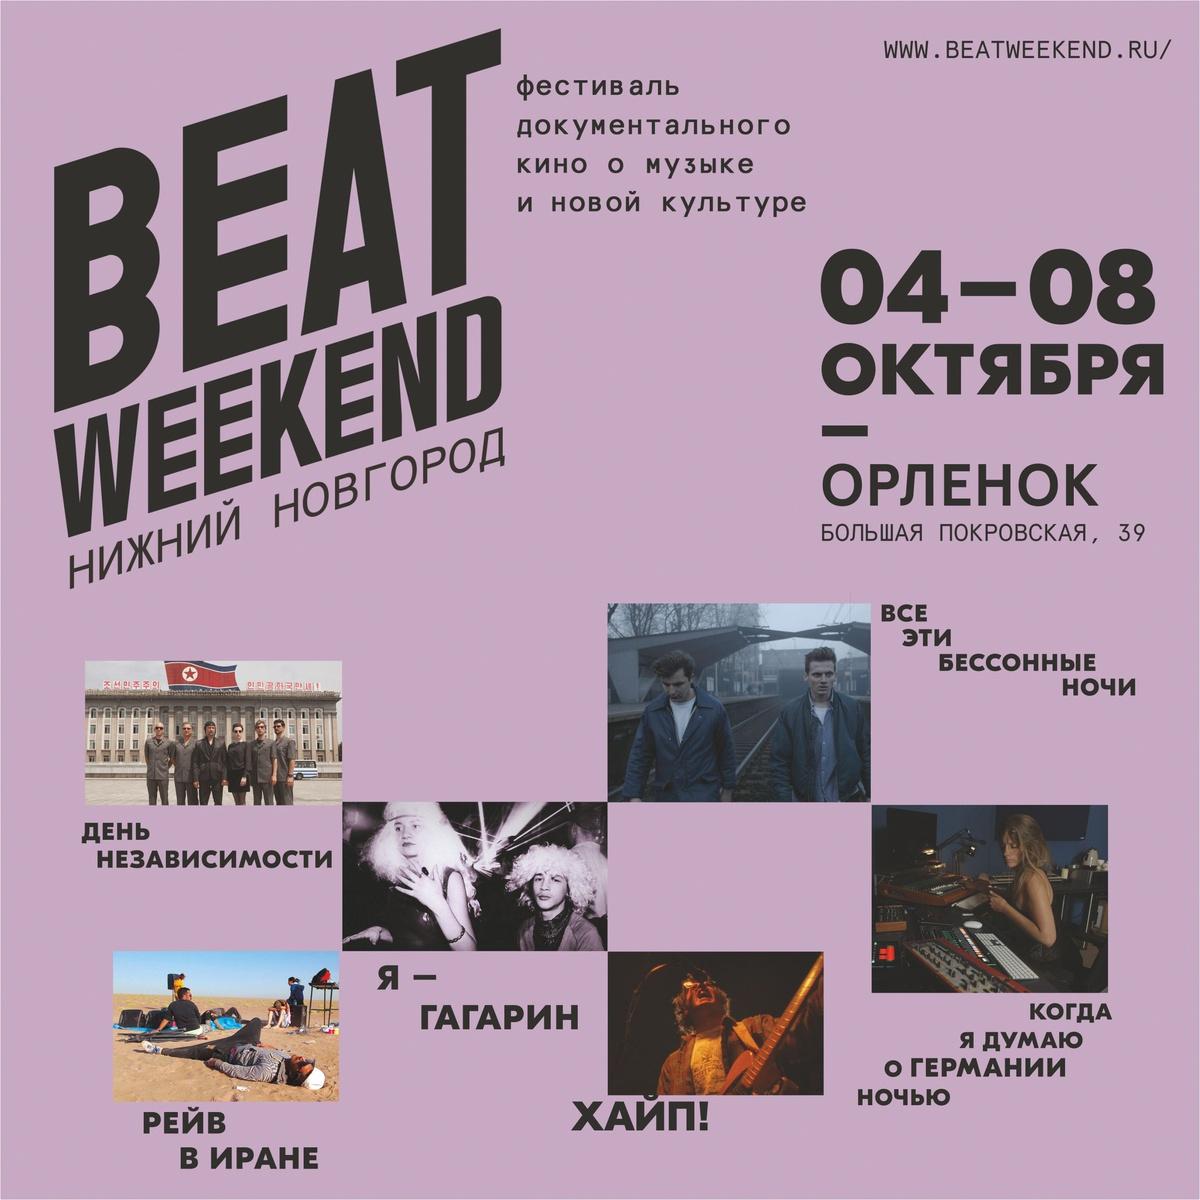 Beat Weekend 2017